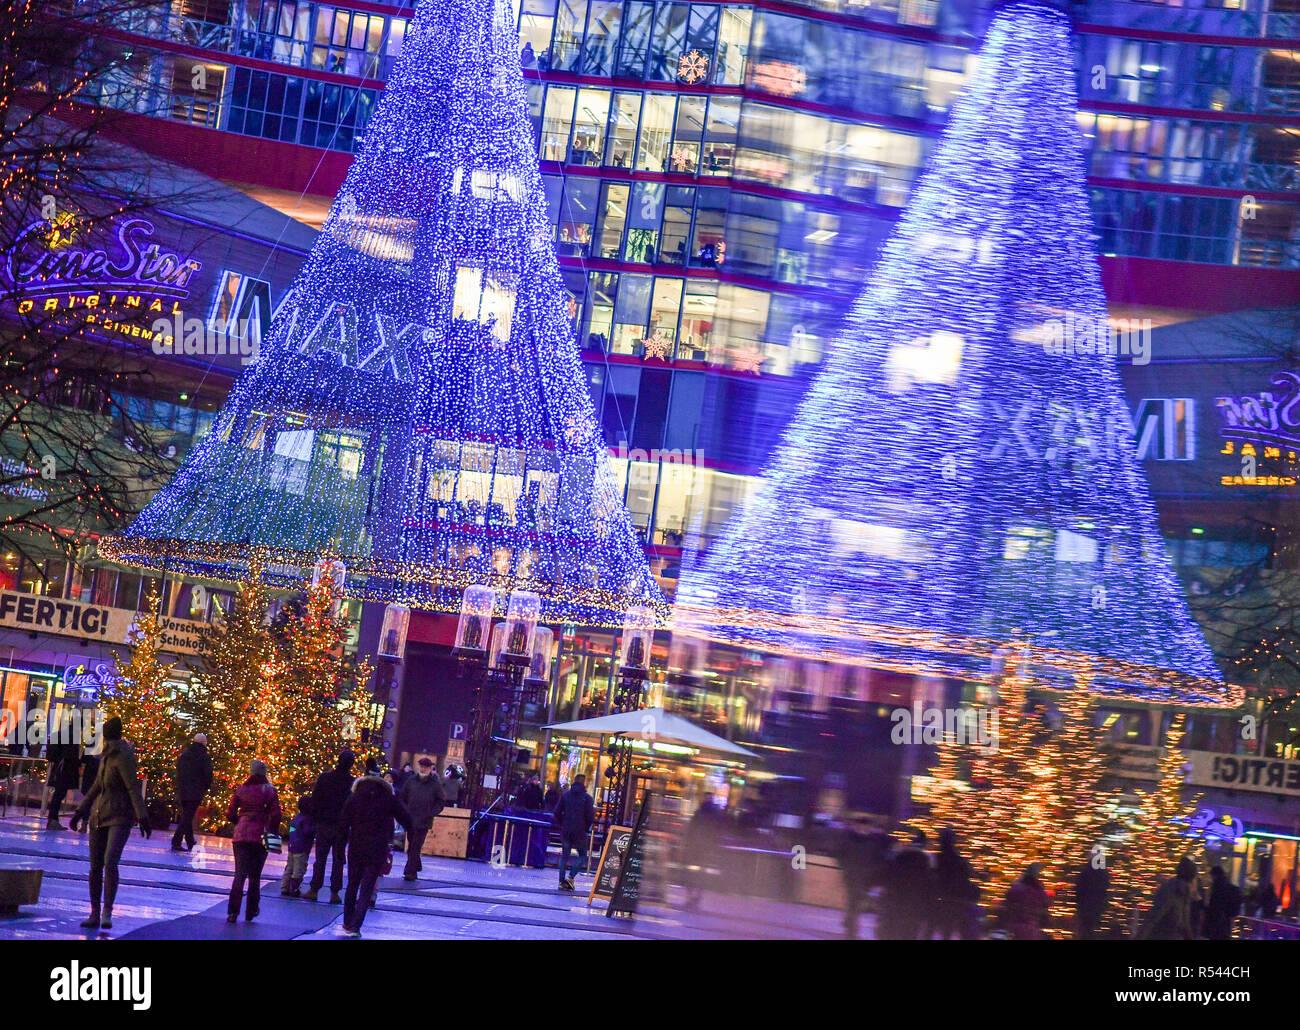 Weihnachten 2019 In Deutschland.Berlin Deutschland 29 Nov 2018 Die Beleuchtete